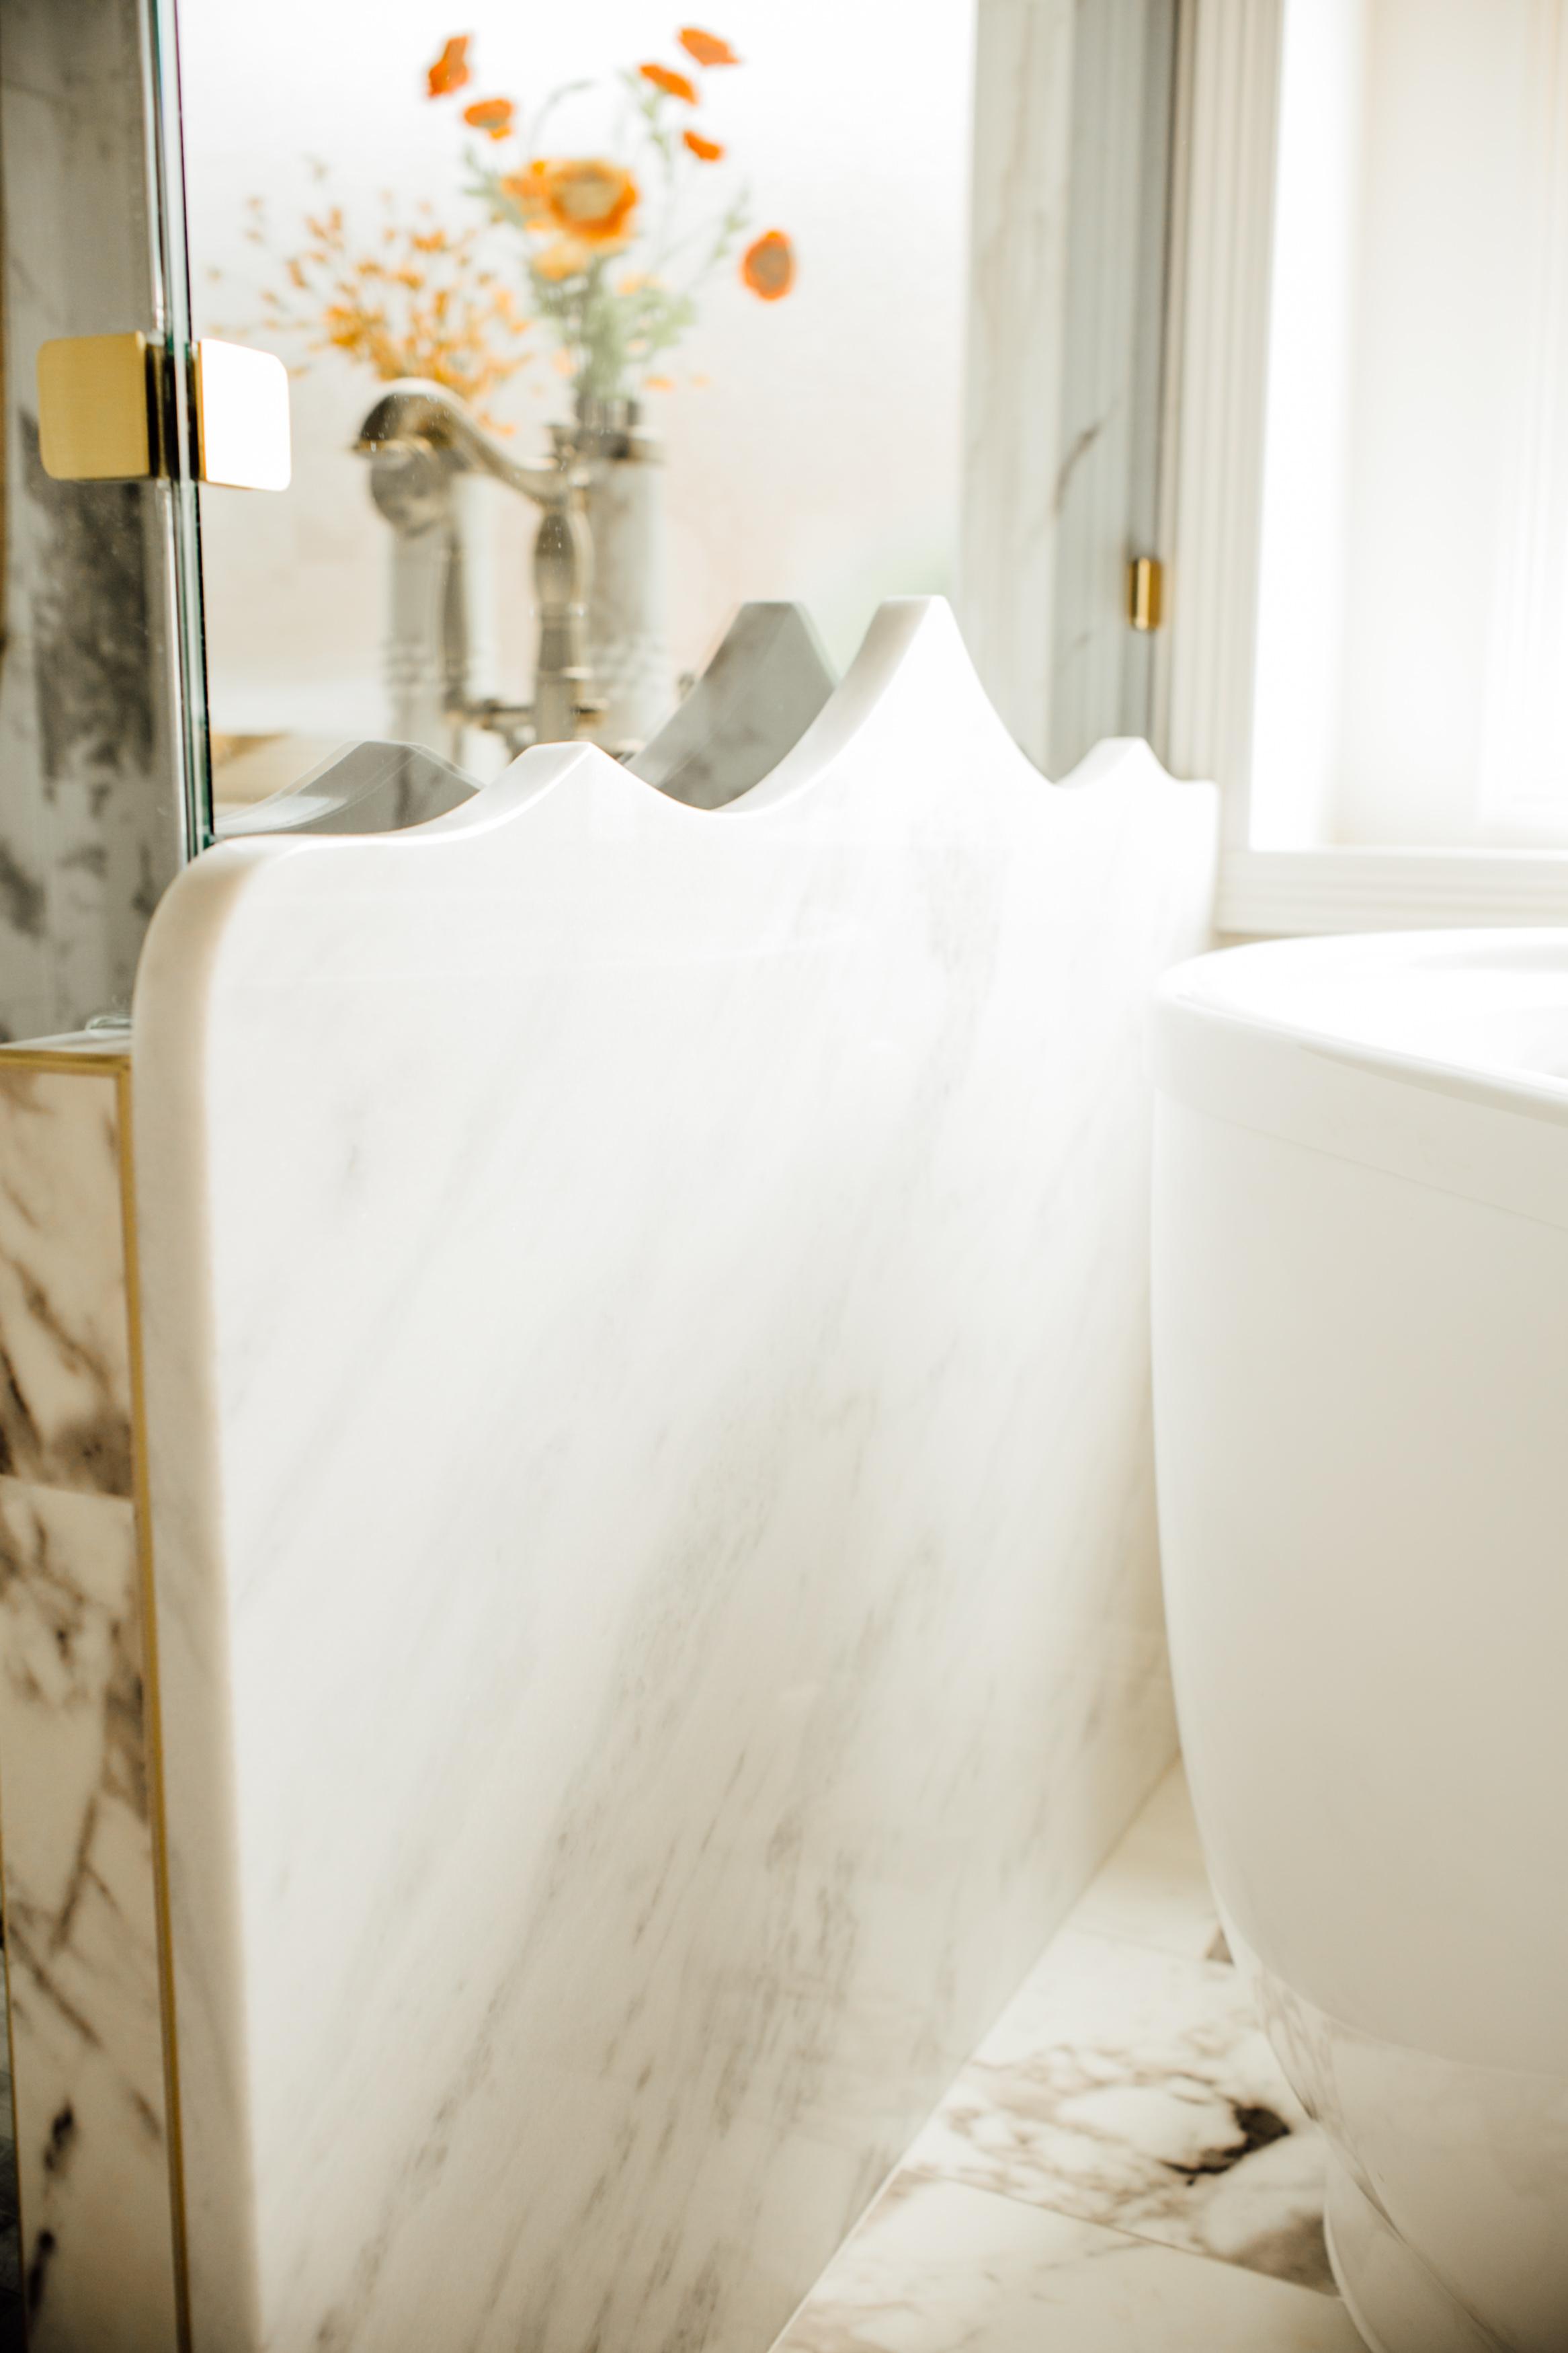 Bathroom Remodel 163.jpg